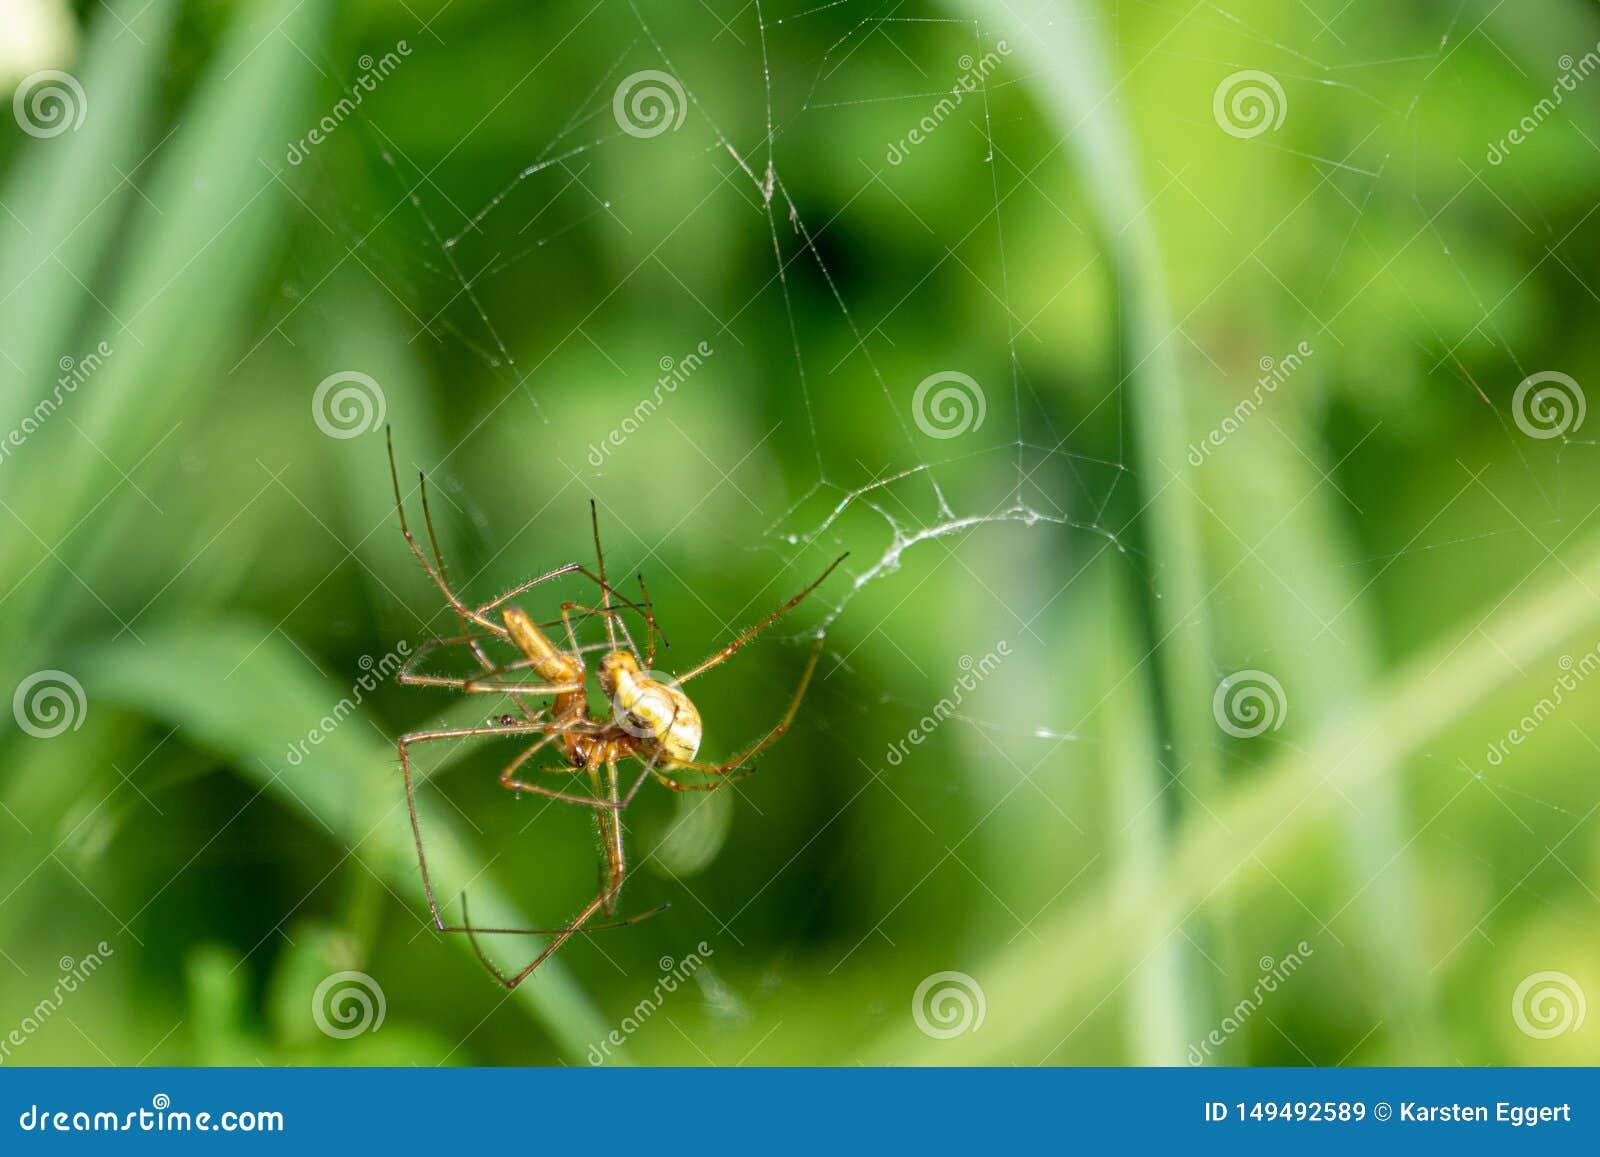 2只蜘蛛在他们的蜘蛛网交配以绿色